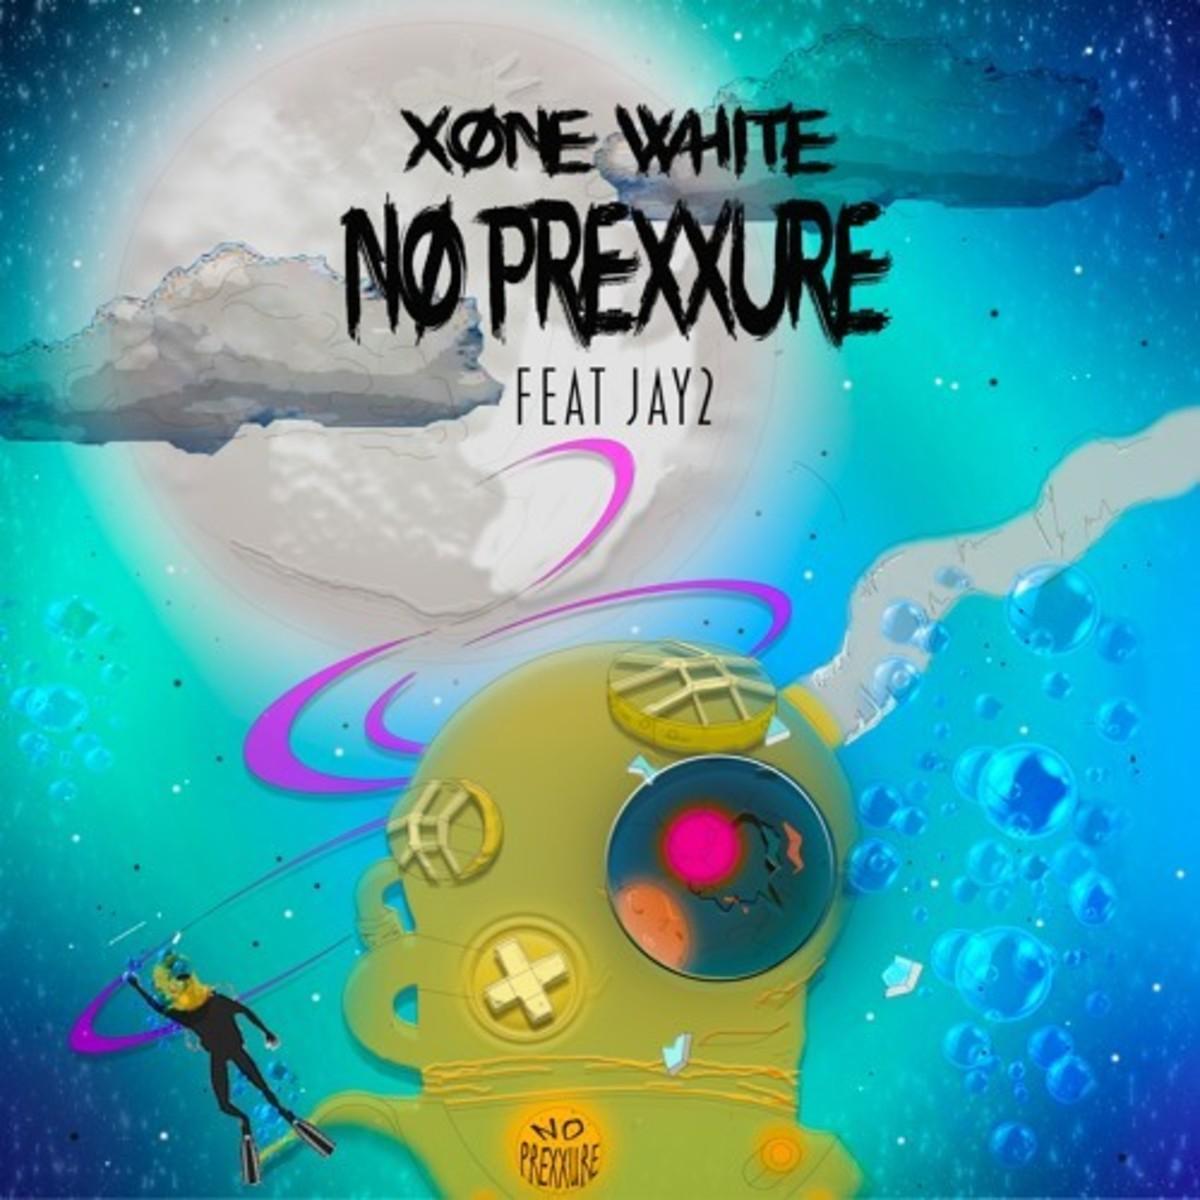 xone-white-no-prexxure.jpg